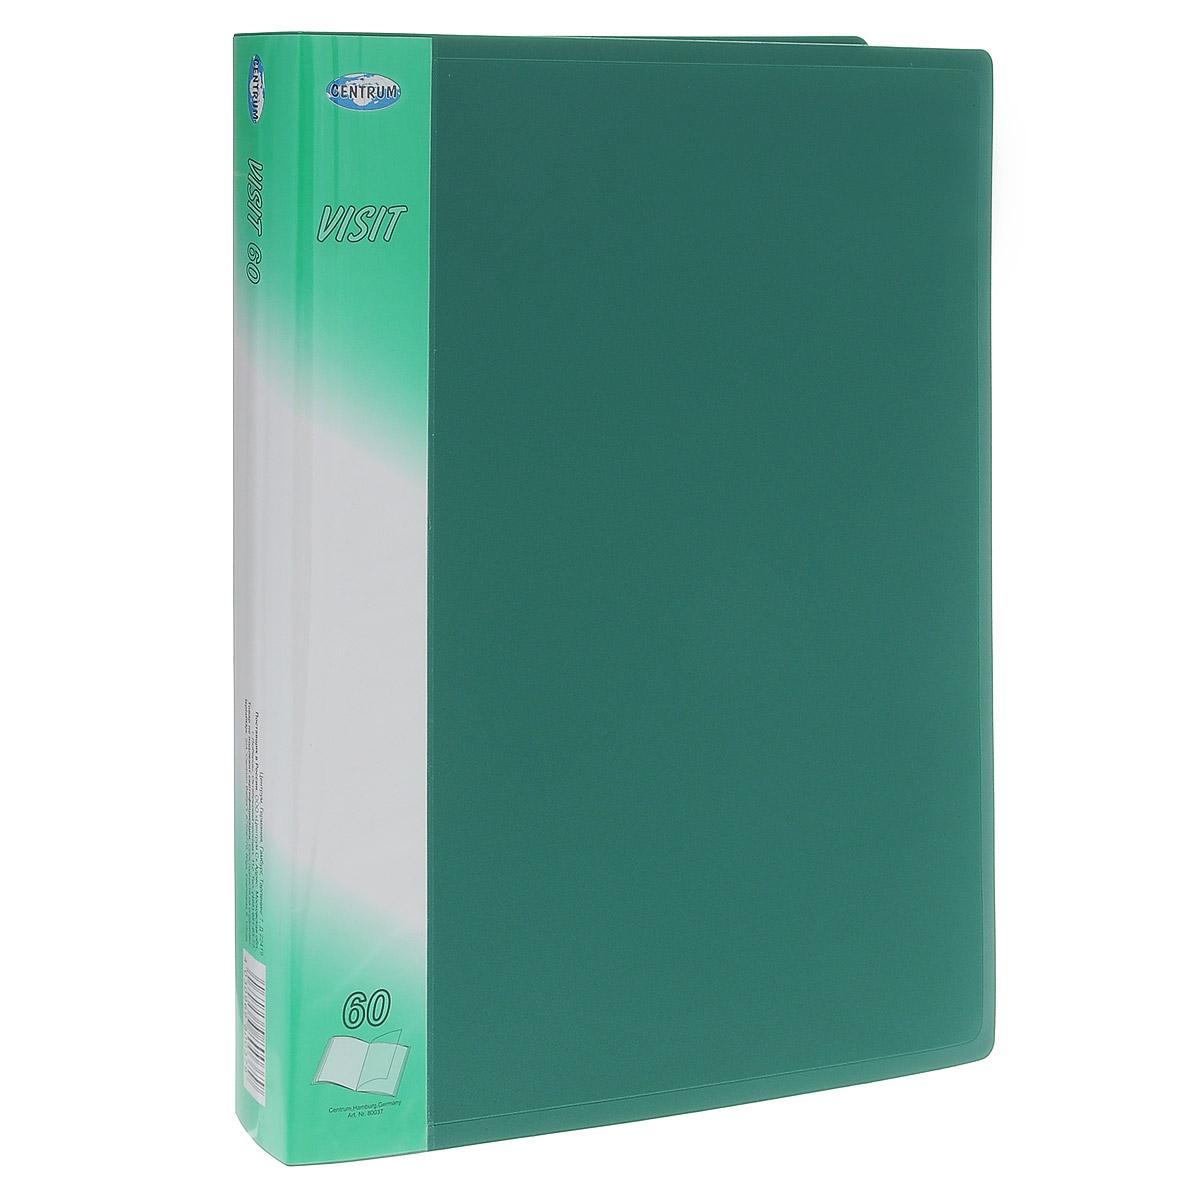 Папка с файлами Centrum Visit, 60 листов, цвет: зеленый. 80037C13S041944Папка Centrum Visit с 60 прозрачными вкладышами-файлами предназначена для хранения и презентации документов формата А4. Папка изготовлена из полупрозрачного фактурного пластика, благодаря чему документы, помещенные в нее, будут надежно защищены. Прочное соединение папки и вкладышей обеспечено за счет их лазерной сварки. Углы папки закруглены.Папка надежно сохранит ваши документы и сбережет их от повреждений, пыли и влаги.